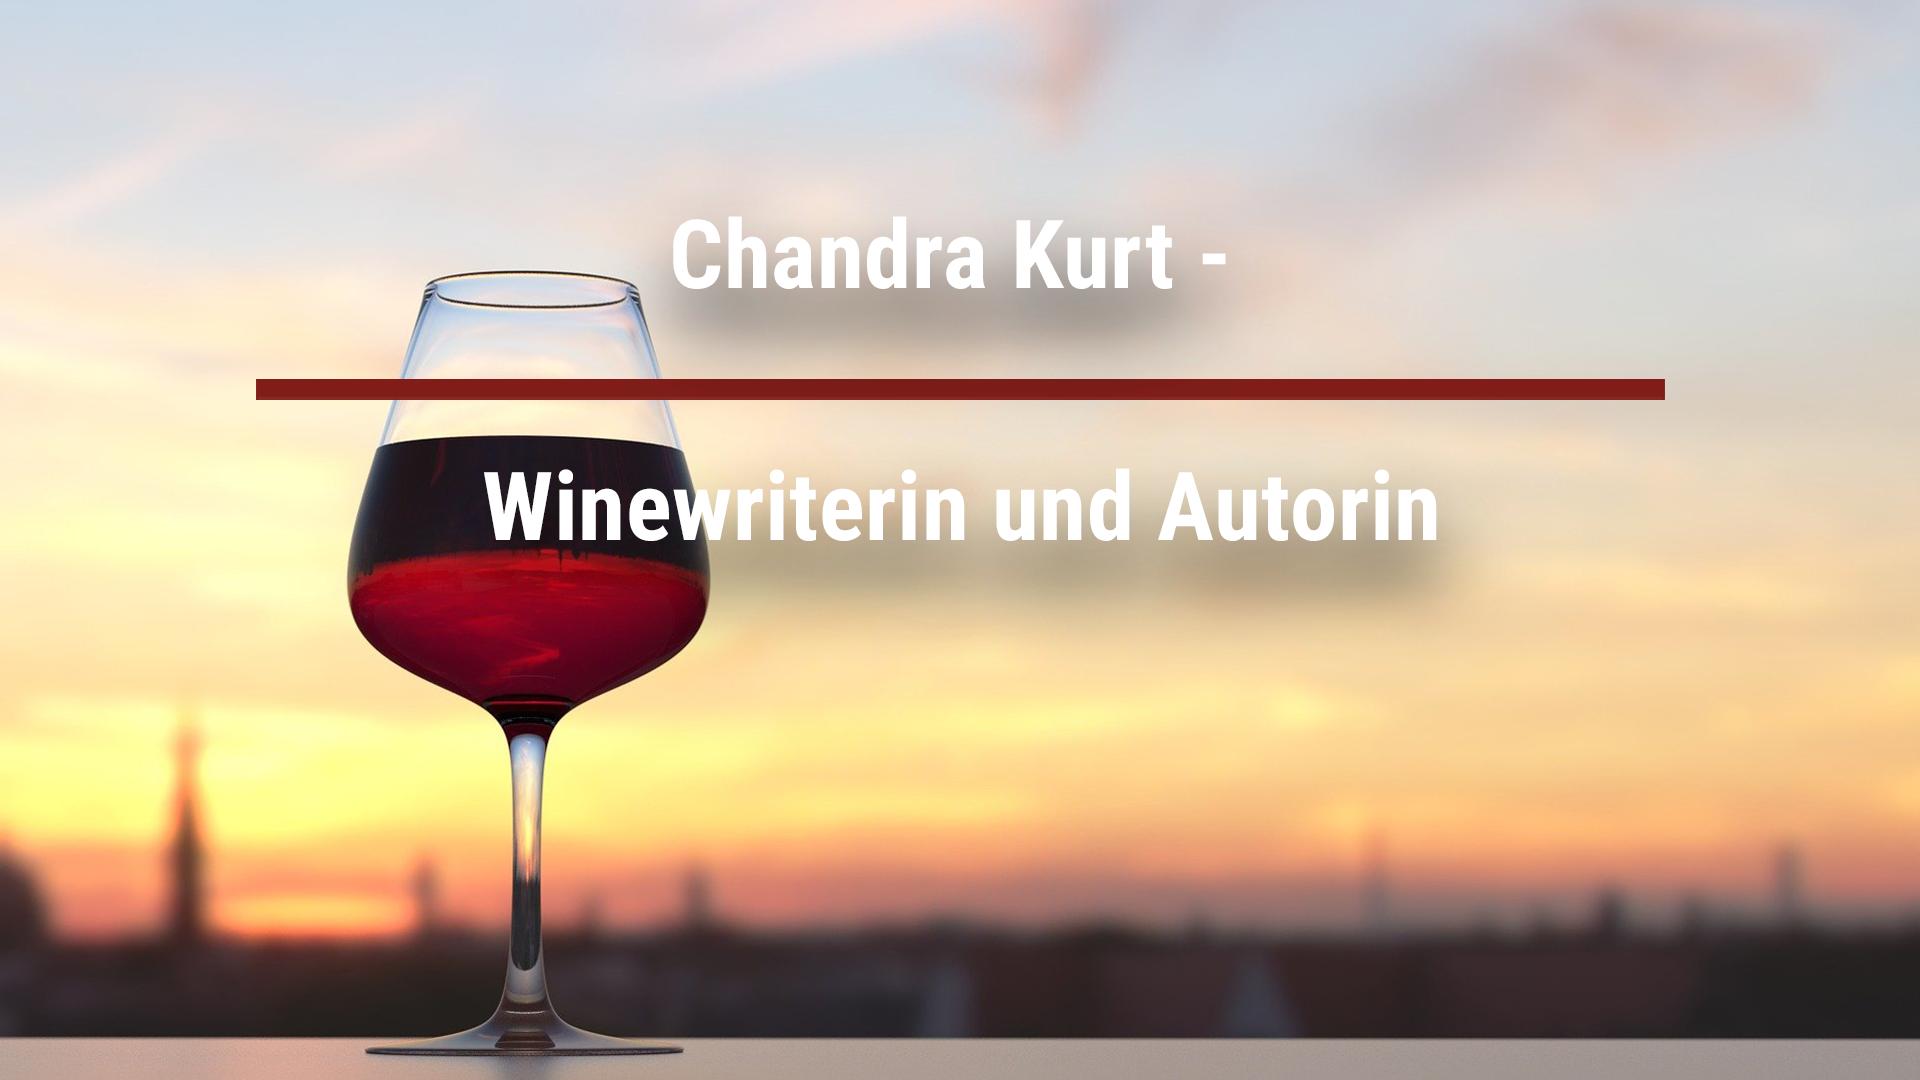 Chandra Kurt – Winewriter and Author